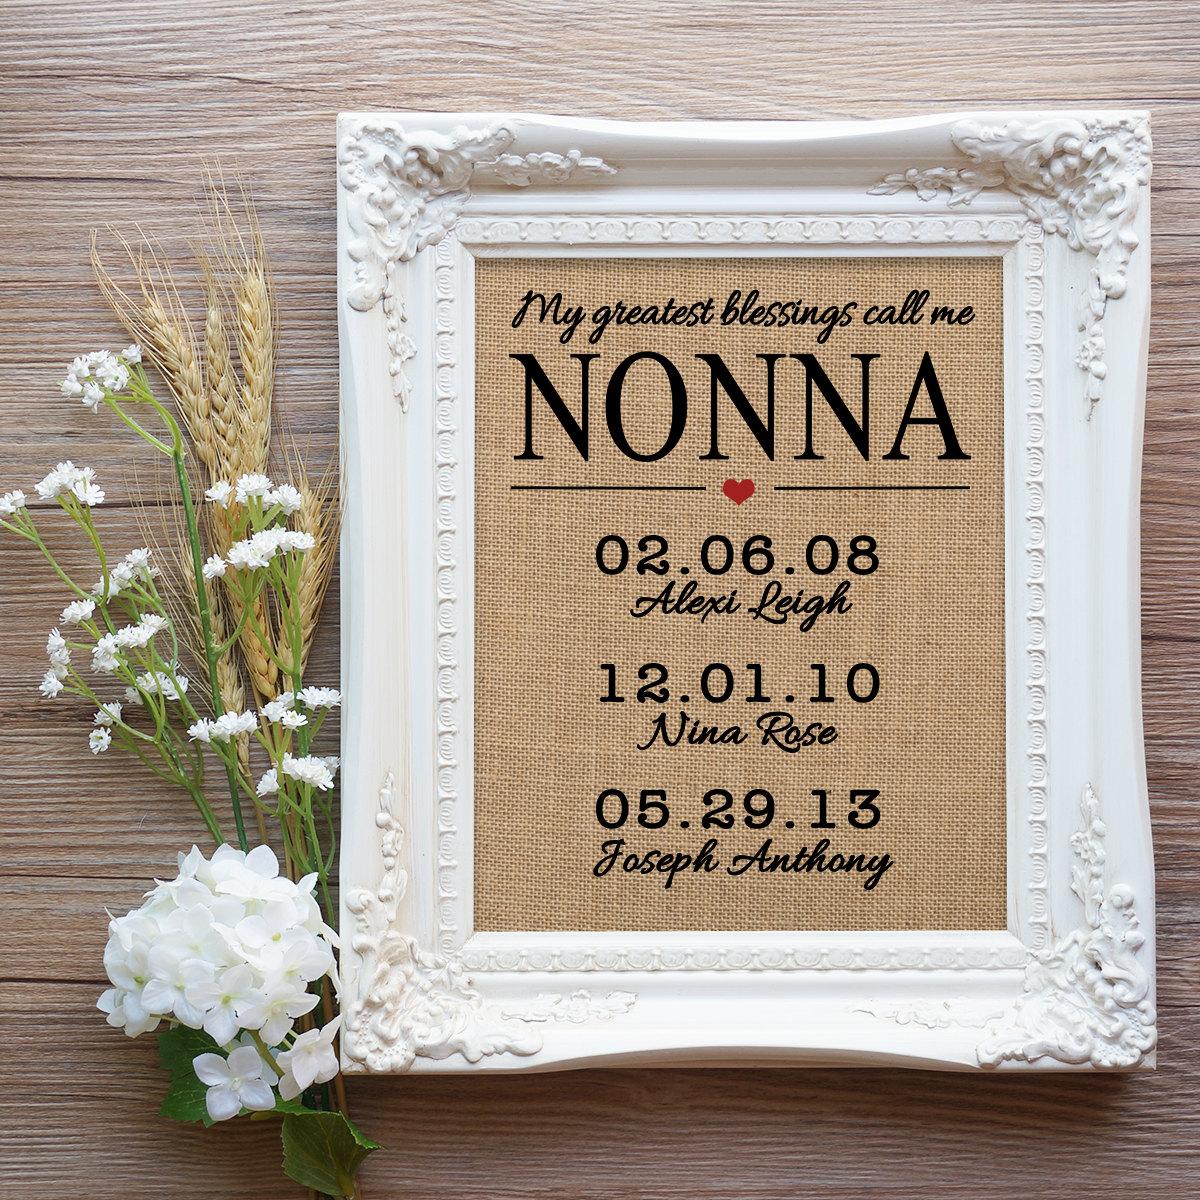 Muttertag Geschenk für Nonna Geschenk Noni italienischen Oma | Etsy